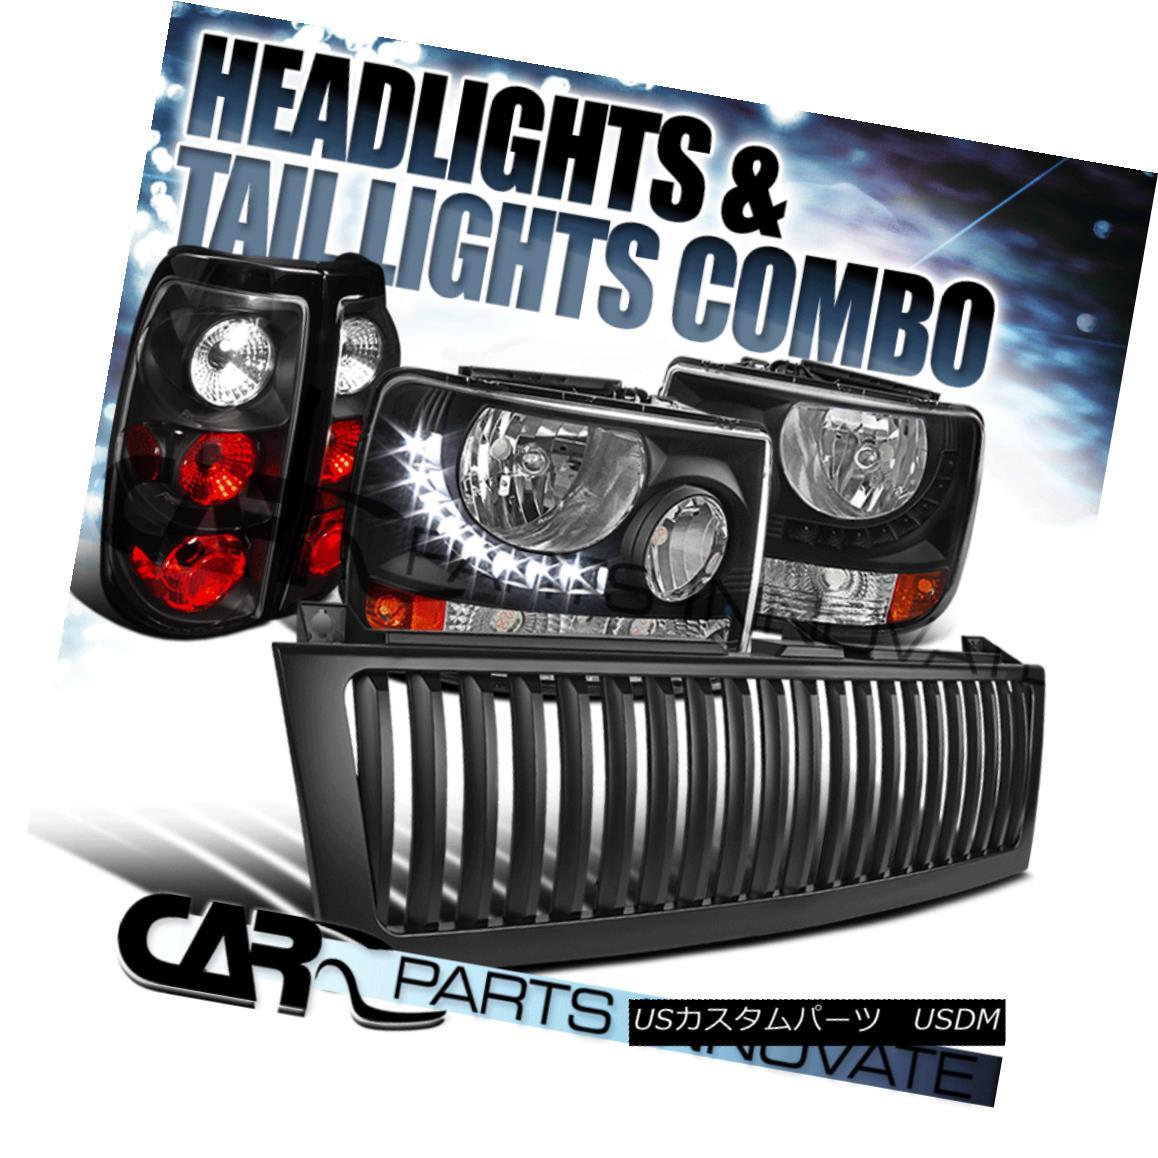 グリル 99-02 Silverado 2in1 Black Head Bumper Lights+LED DRL+Hood Grille+Tail Lamps 99-02 Silverado 2in1ブラックヘッドバンパーライト+ LED DRL +フードグリル+テールランプ